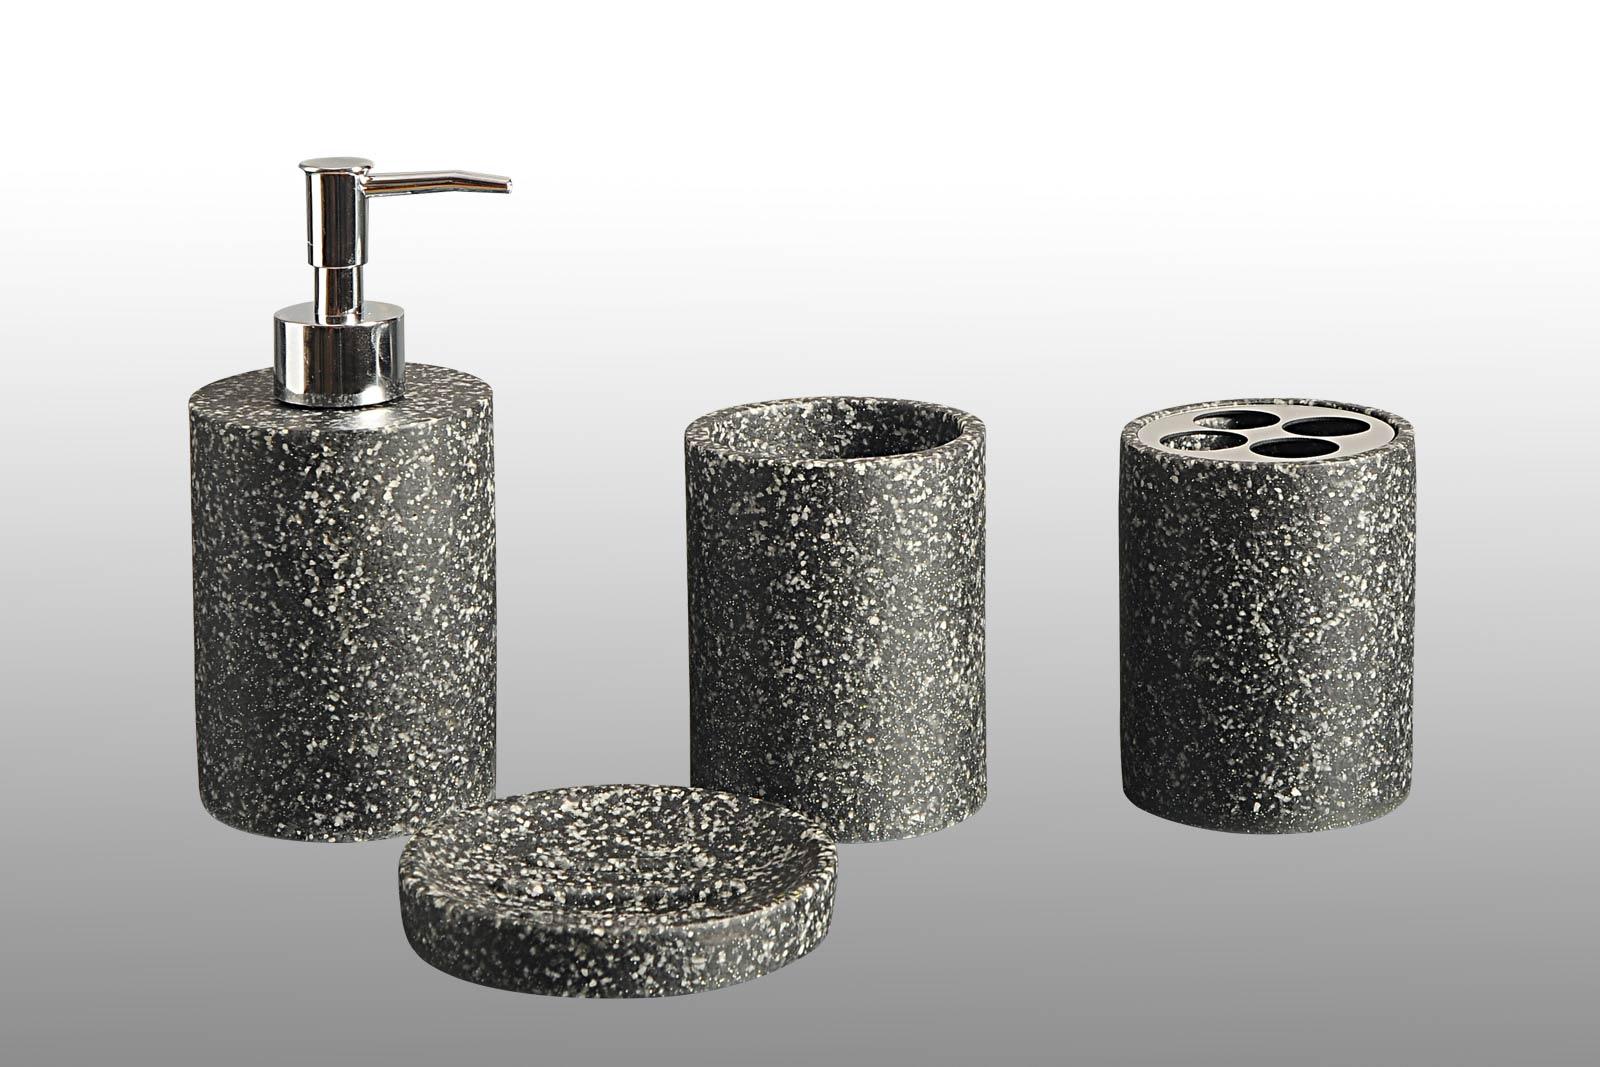 Black Granite Bath Accessories